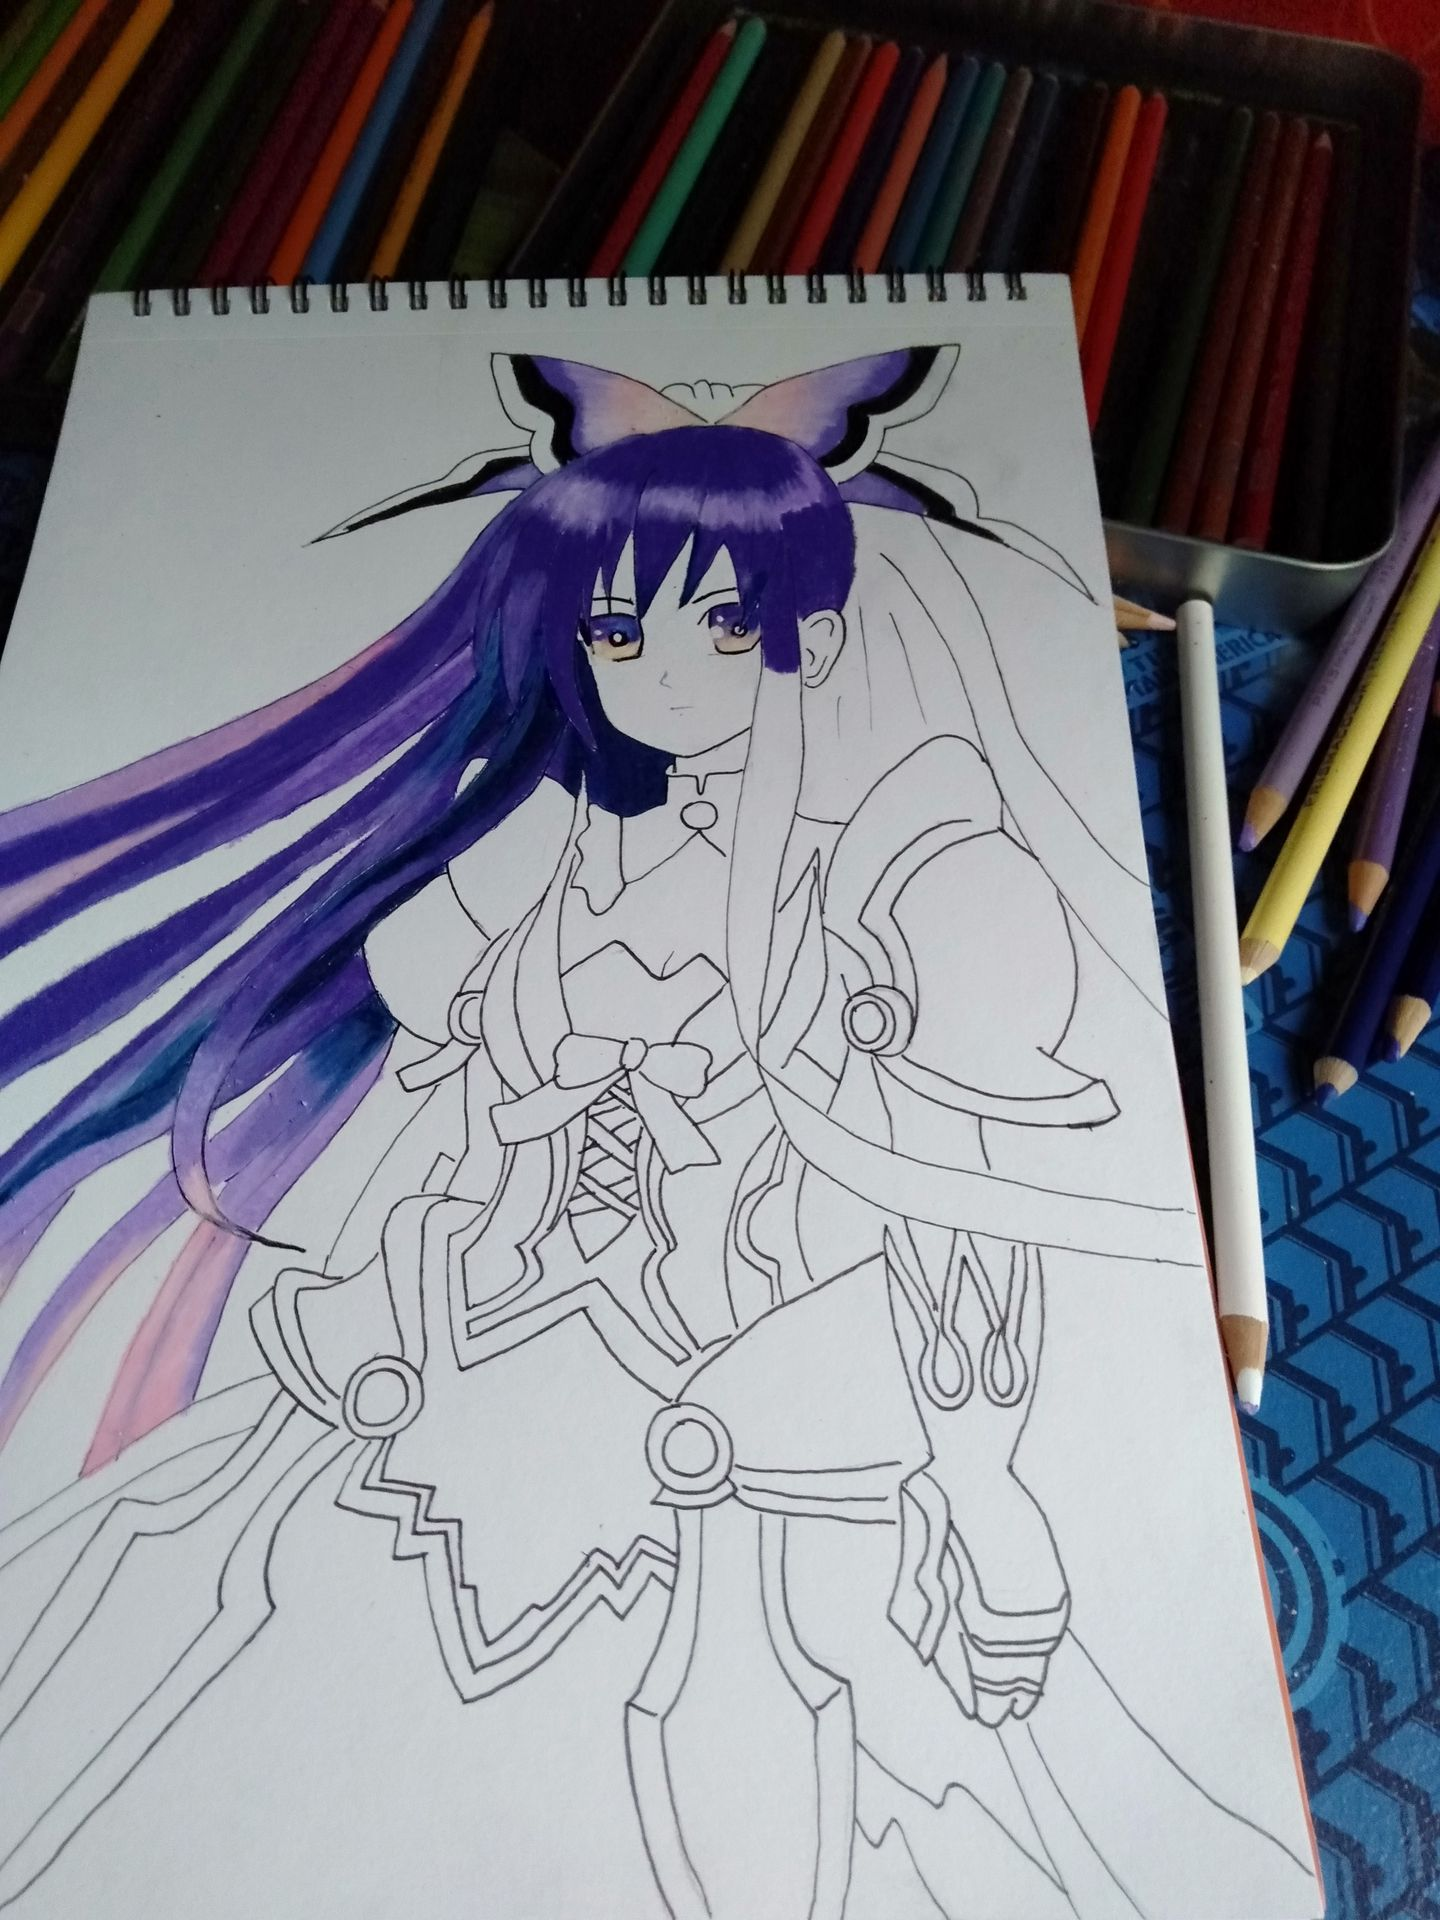 Gege S Art 33 Anime Tohka Yatogami Wattpad